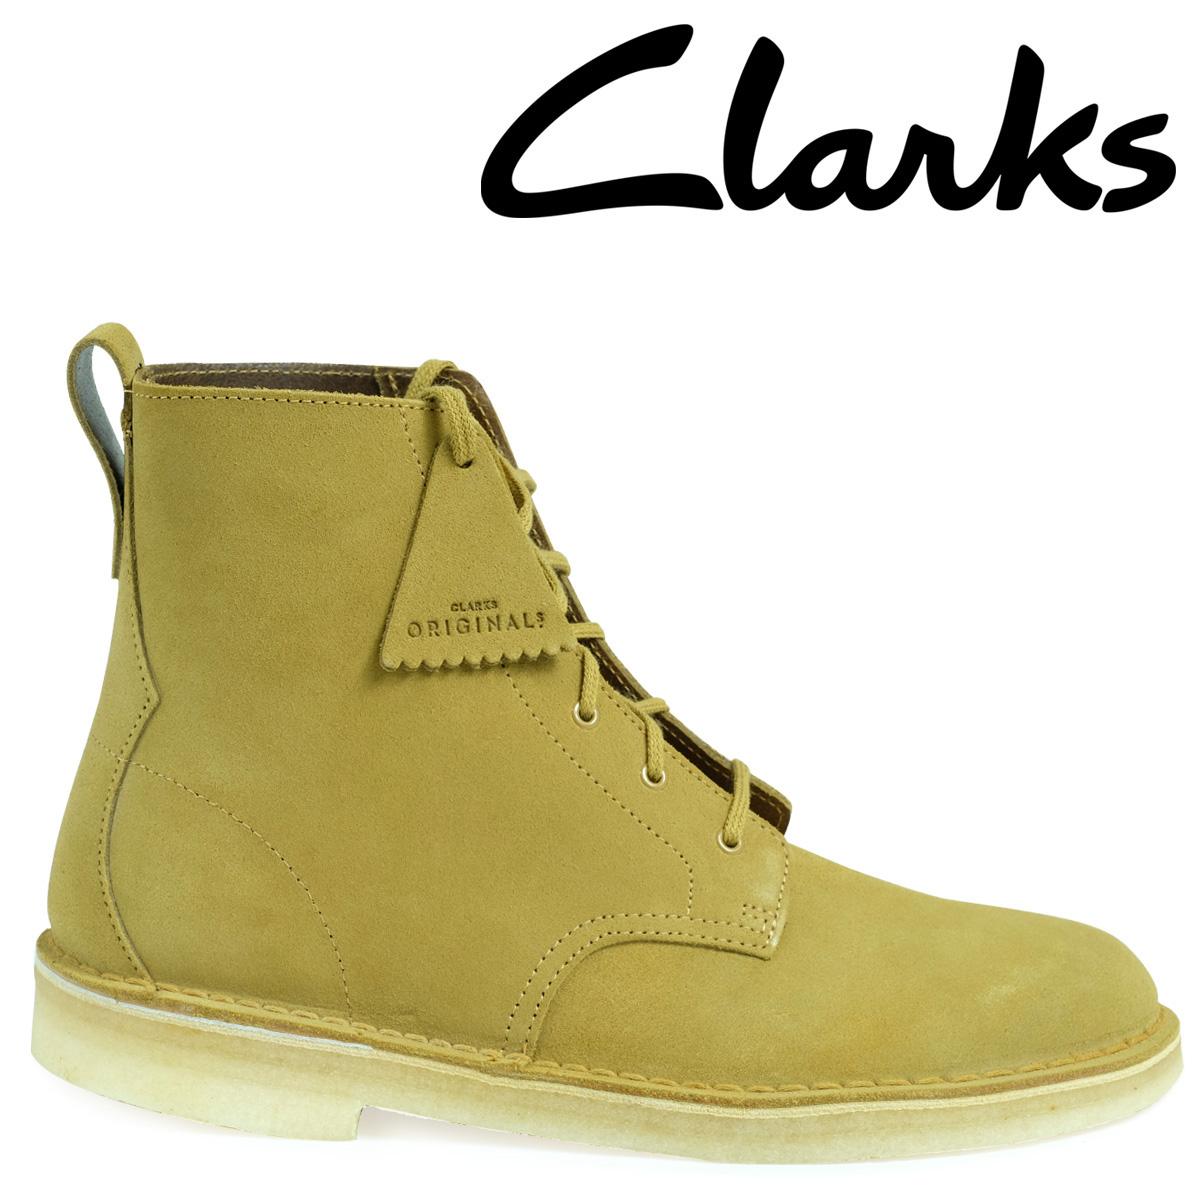 Clarks デザート マリ ブーツ メンズ クラークス DESERT MALI 26128271 靴 ブラウン